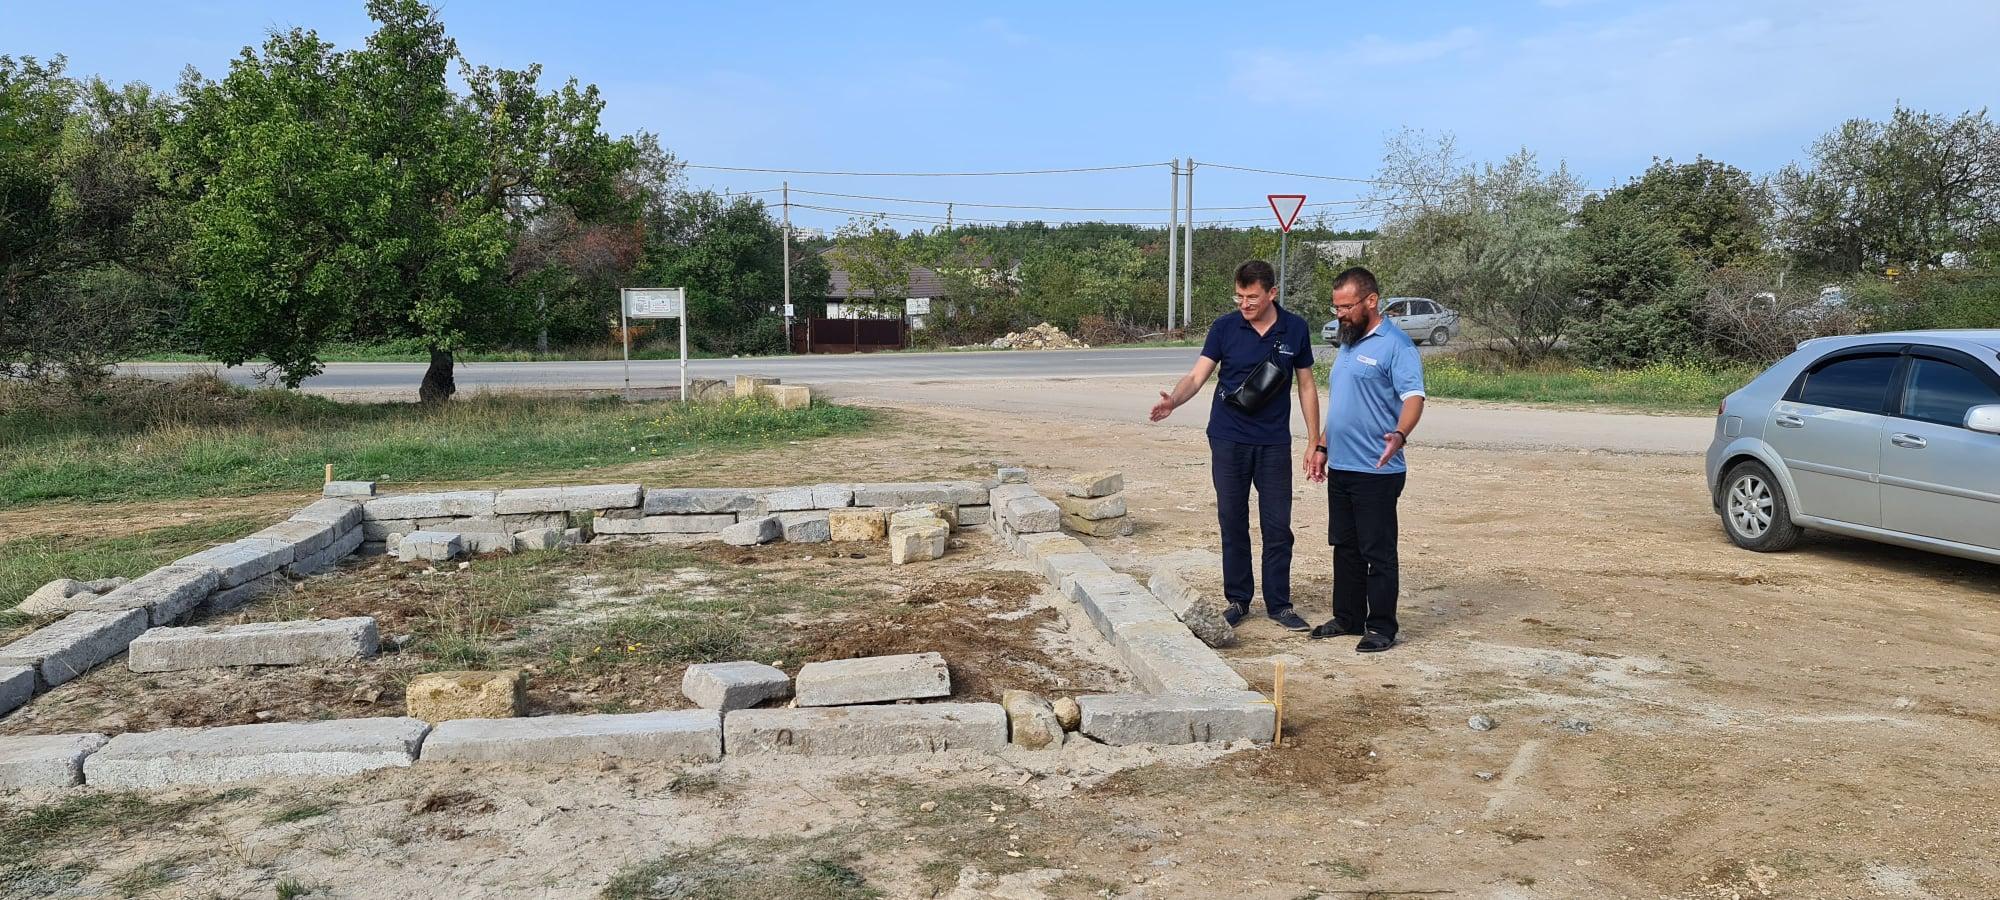 «Общественник-решала» Комелов продолжает «давить» честных предпринимателей